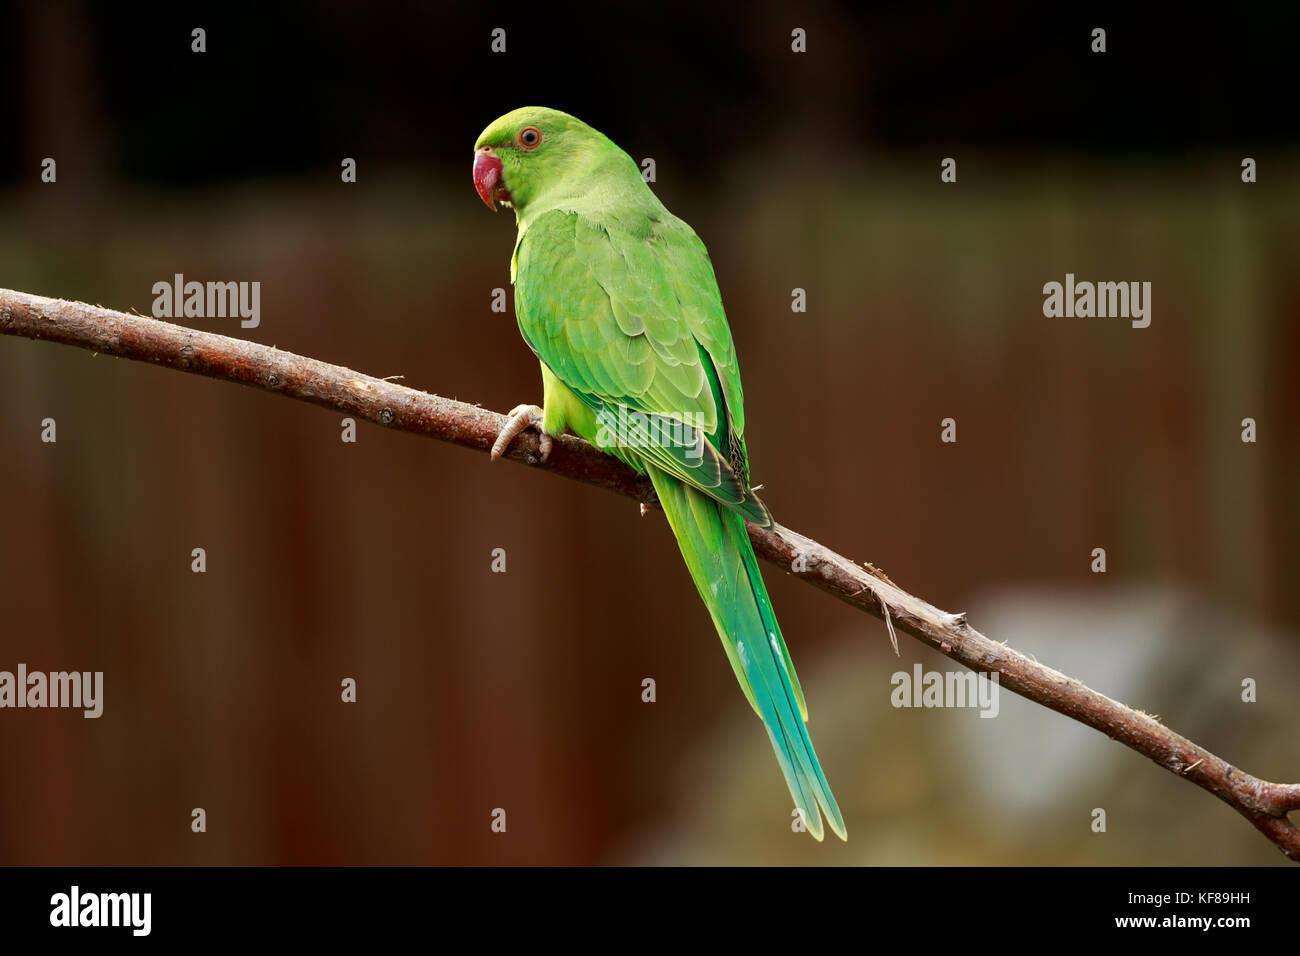 Rose-ring Parakeet - Stock Image